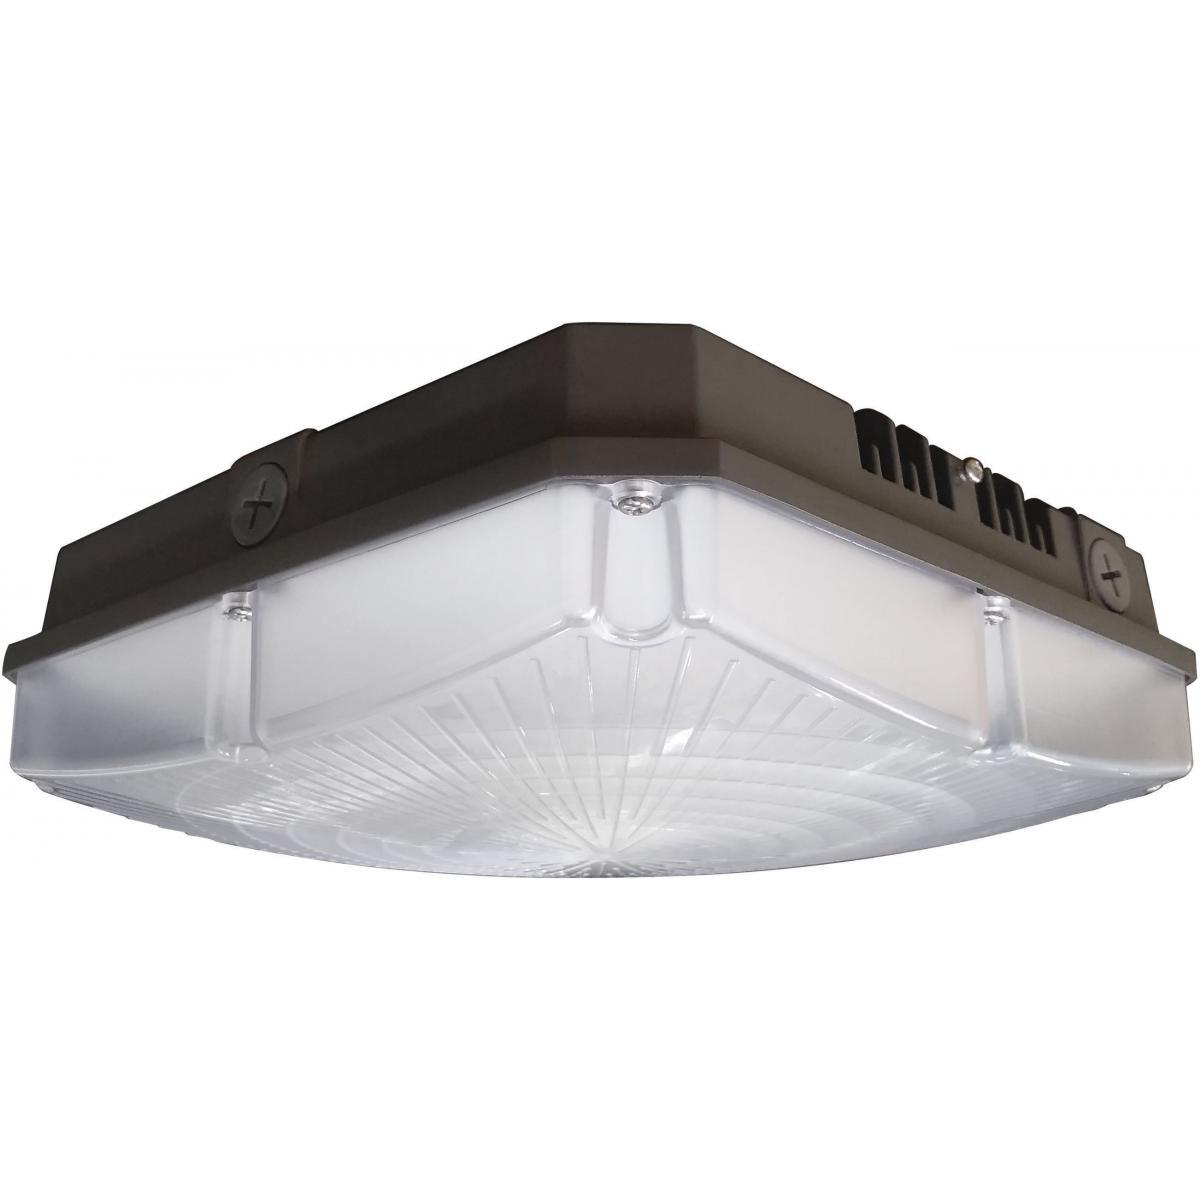 65-148 70W LED CANOPY FIXTURE 10